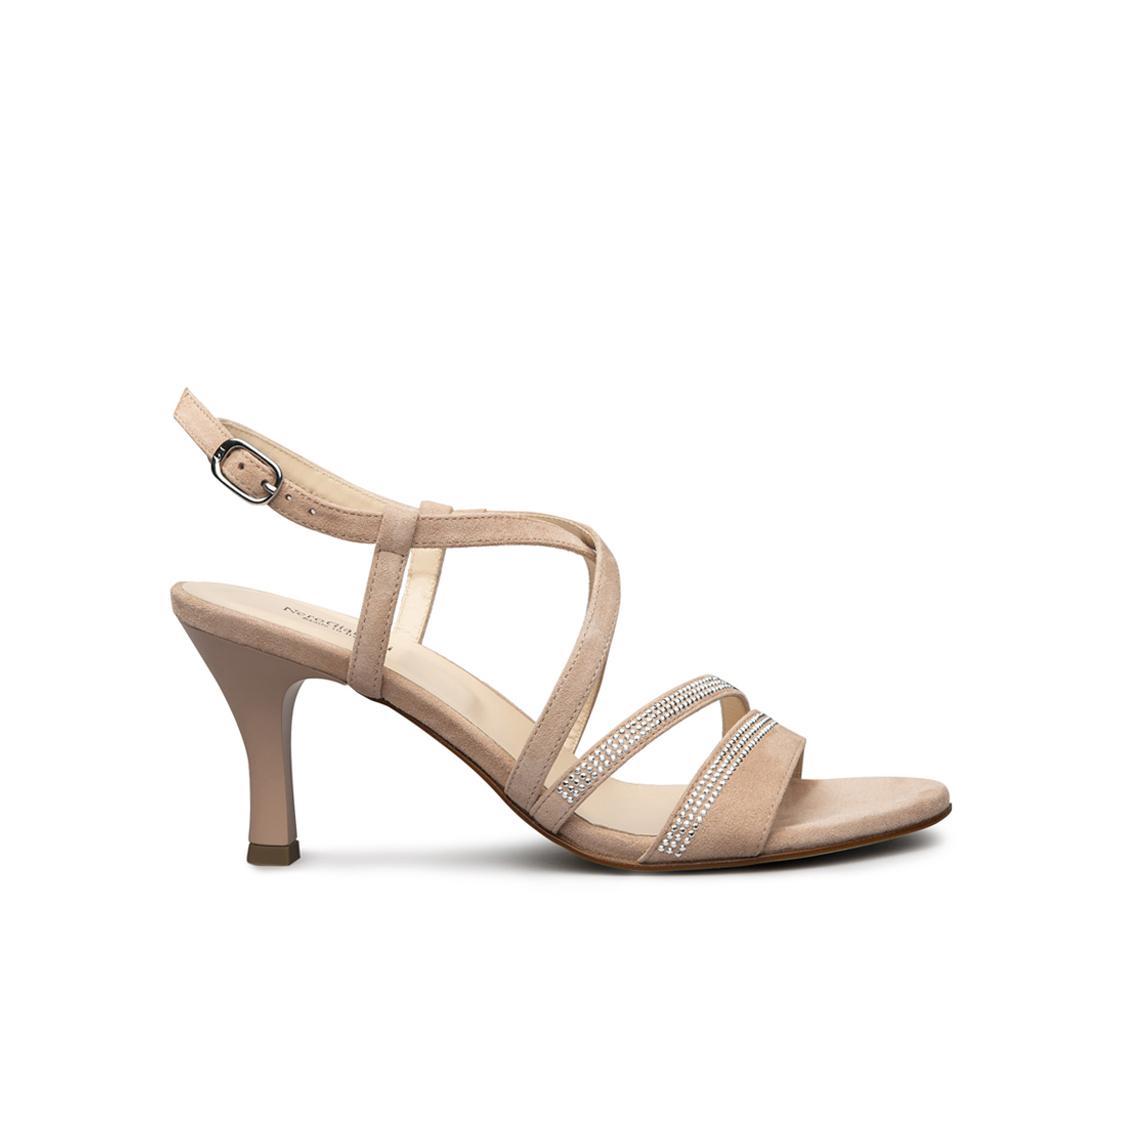 Sandalo cipria NeroGiardini